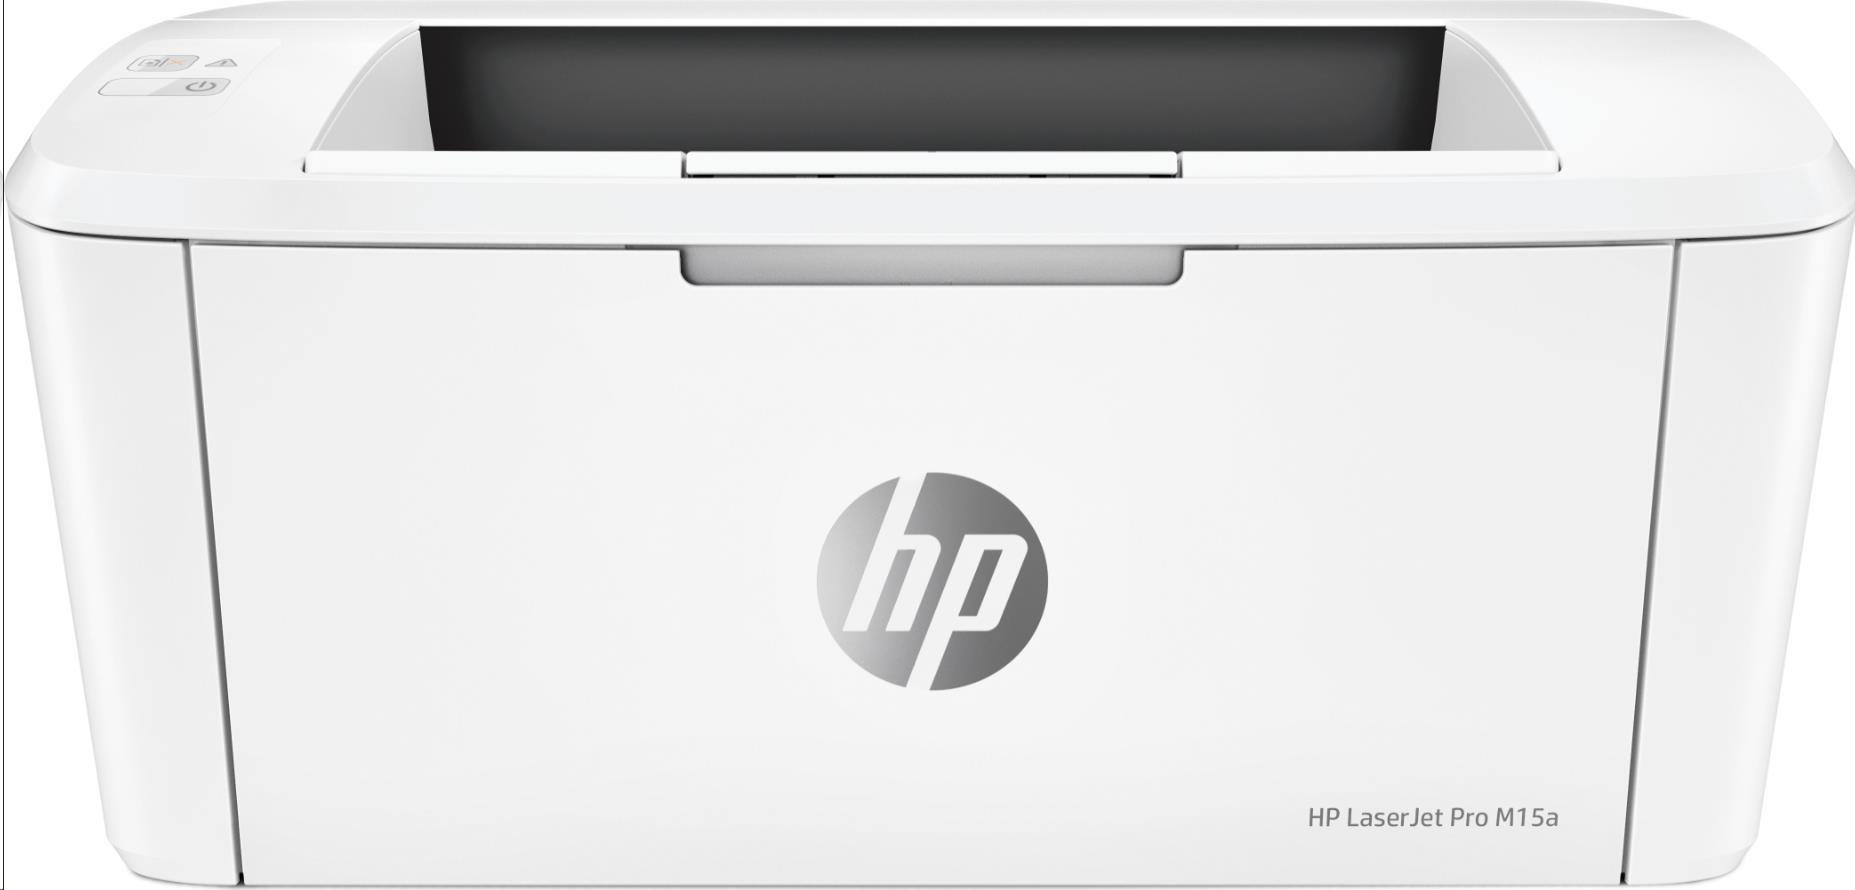 HP LaserJet Pro M15a - (19str/min, A4, USB)